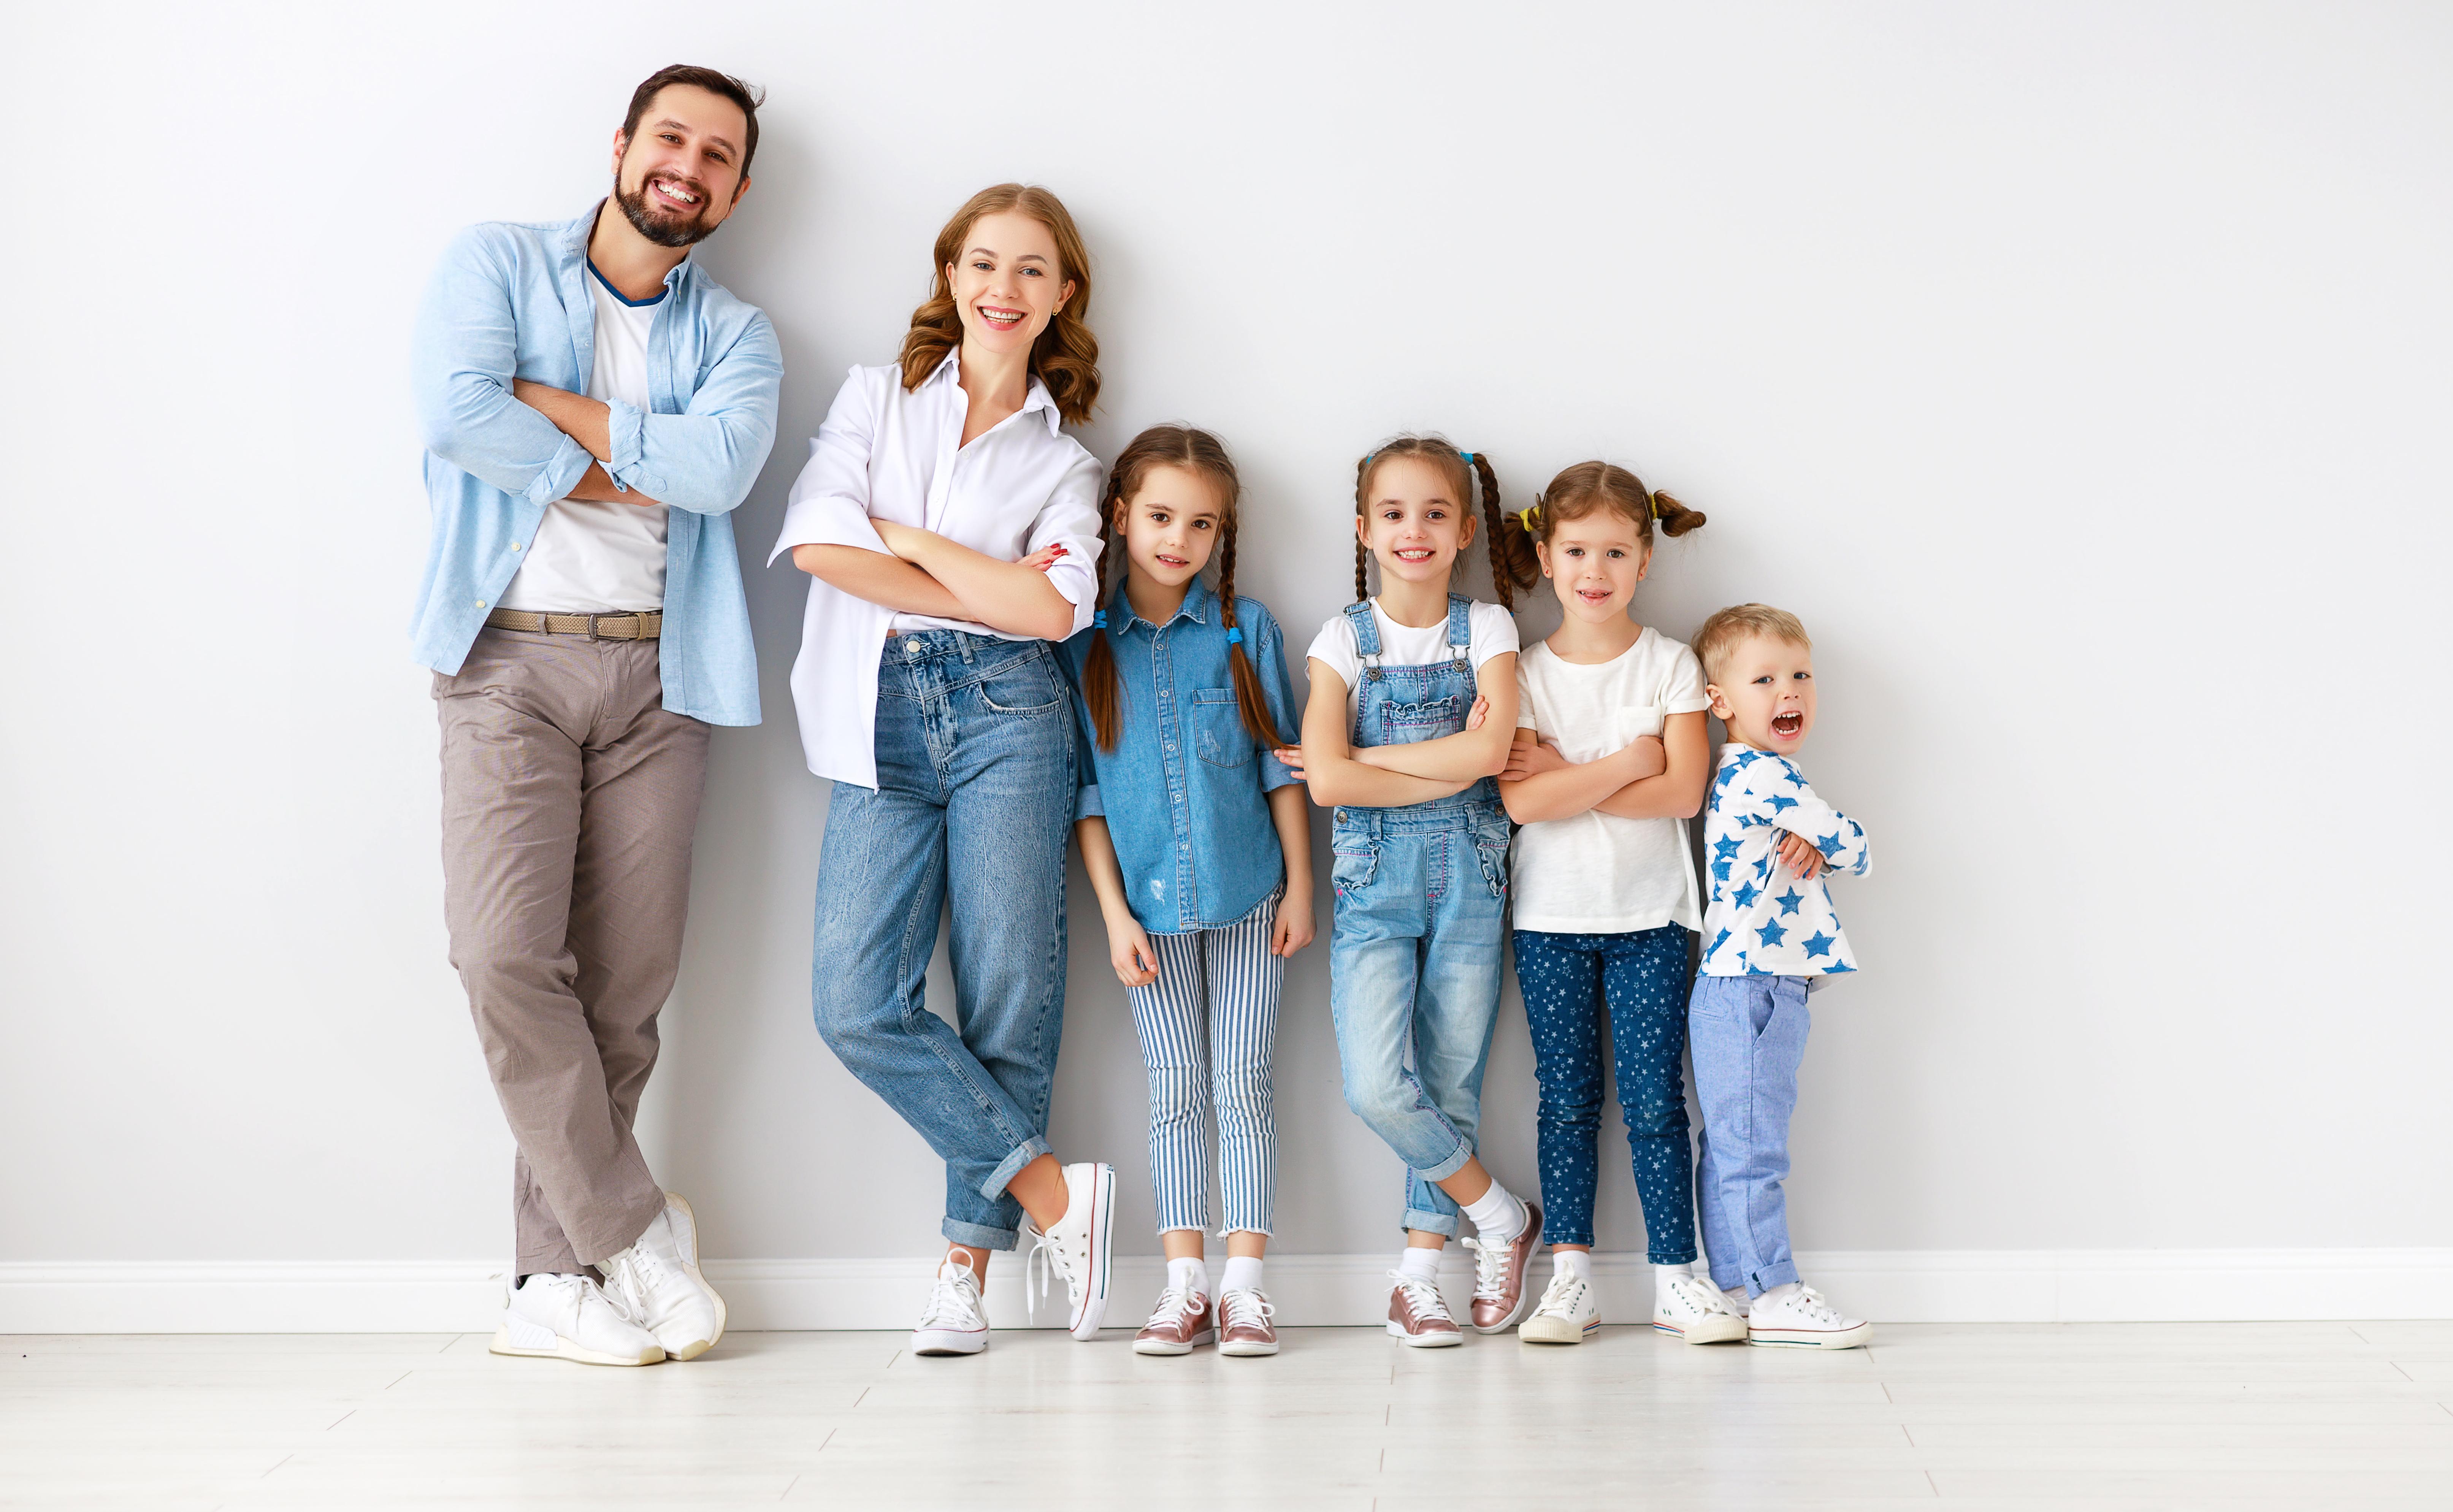 Hogyan juthatnak a családok az extra bevételhez?